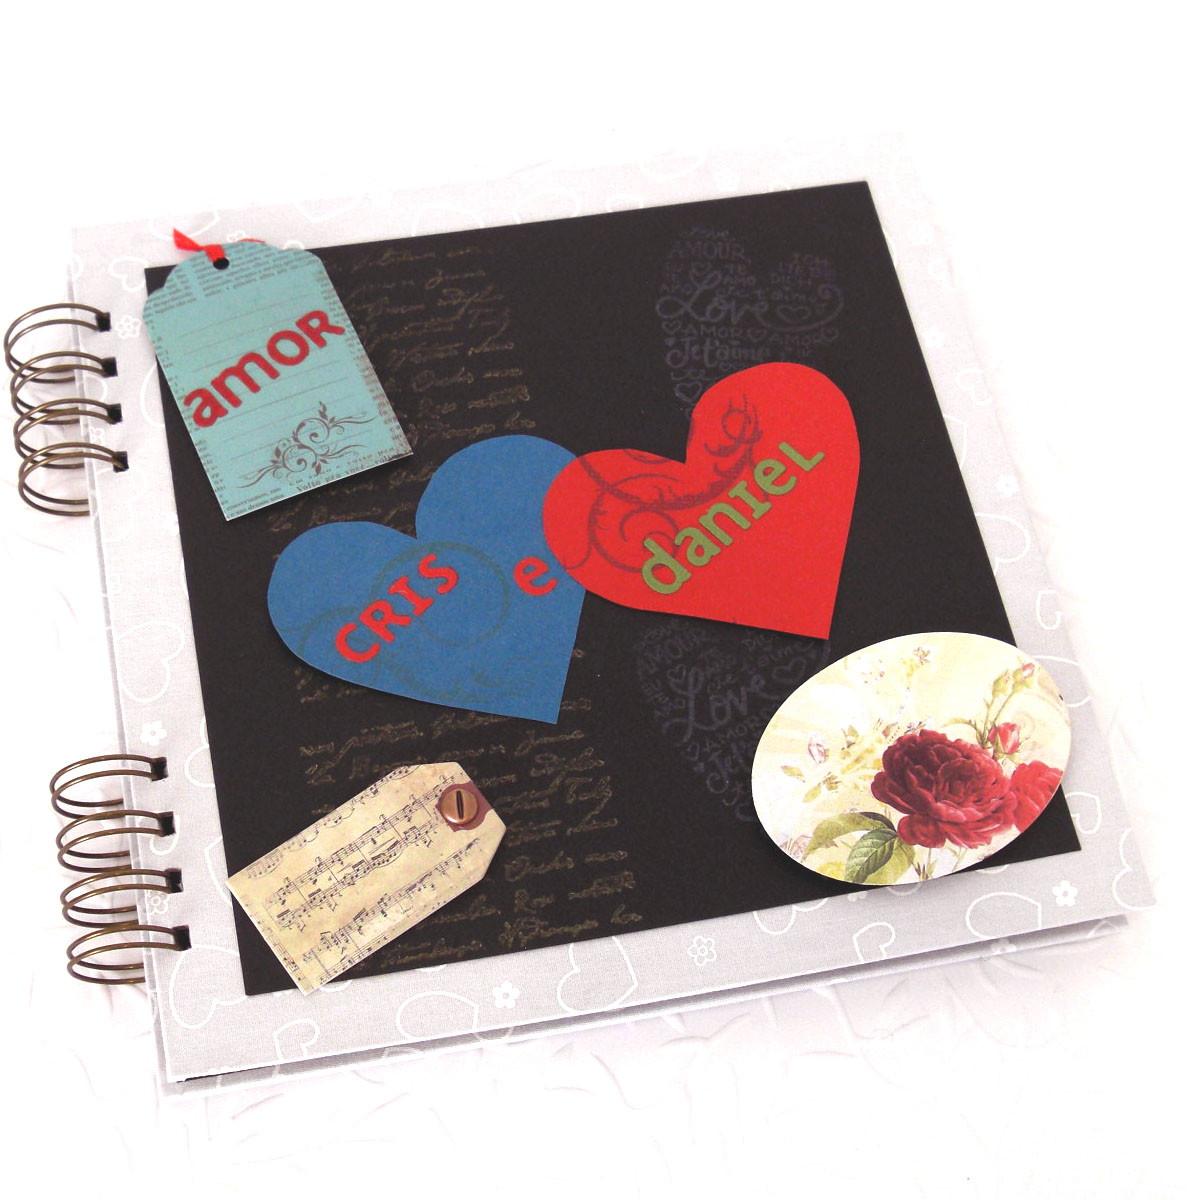 Lbum romance p ginas decoradas talento criativo elo7 for Paginas decoradas